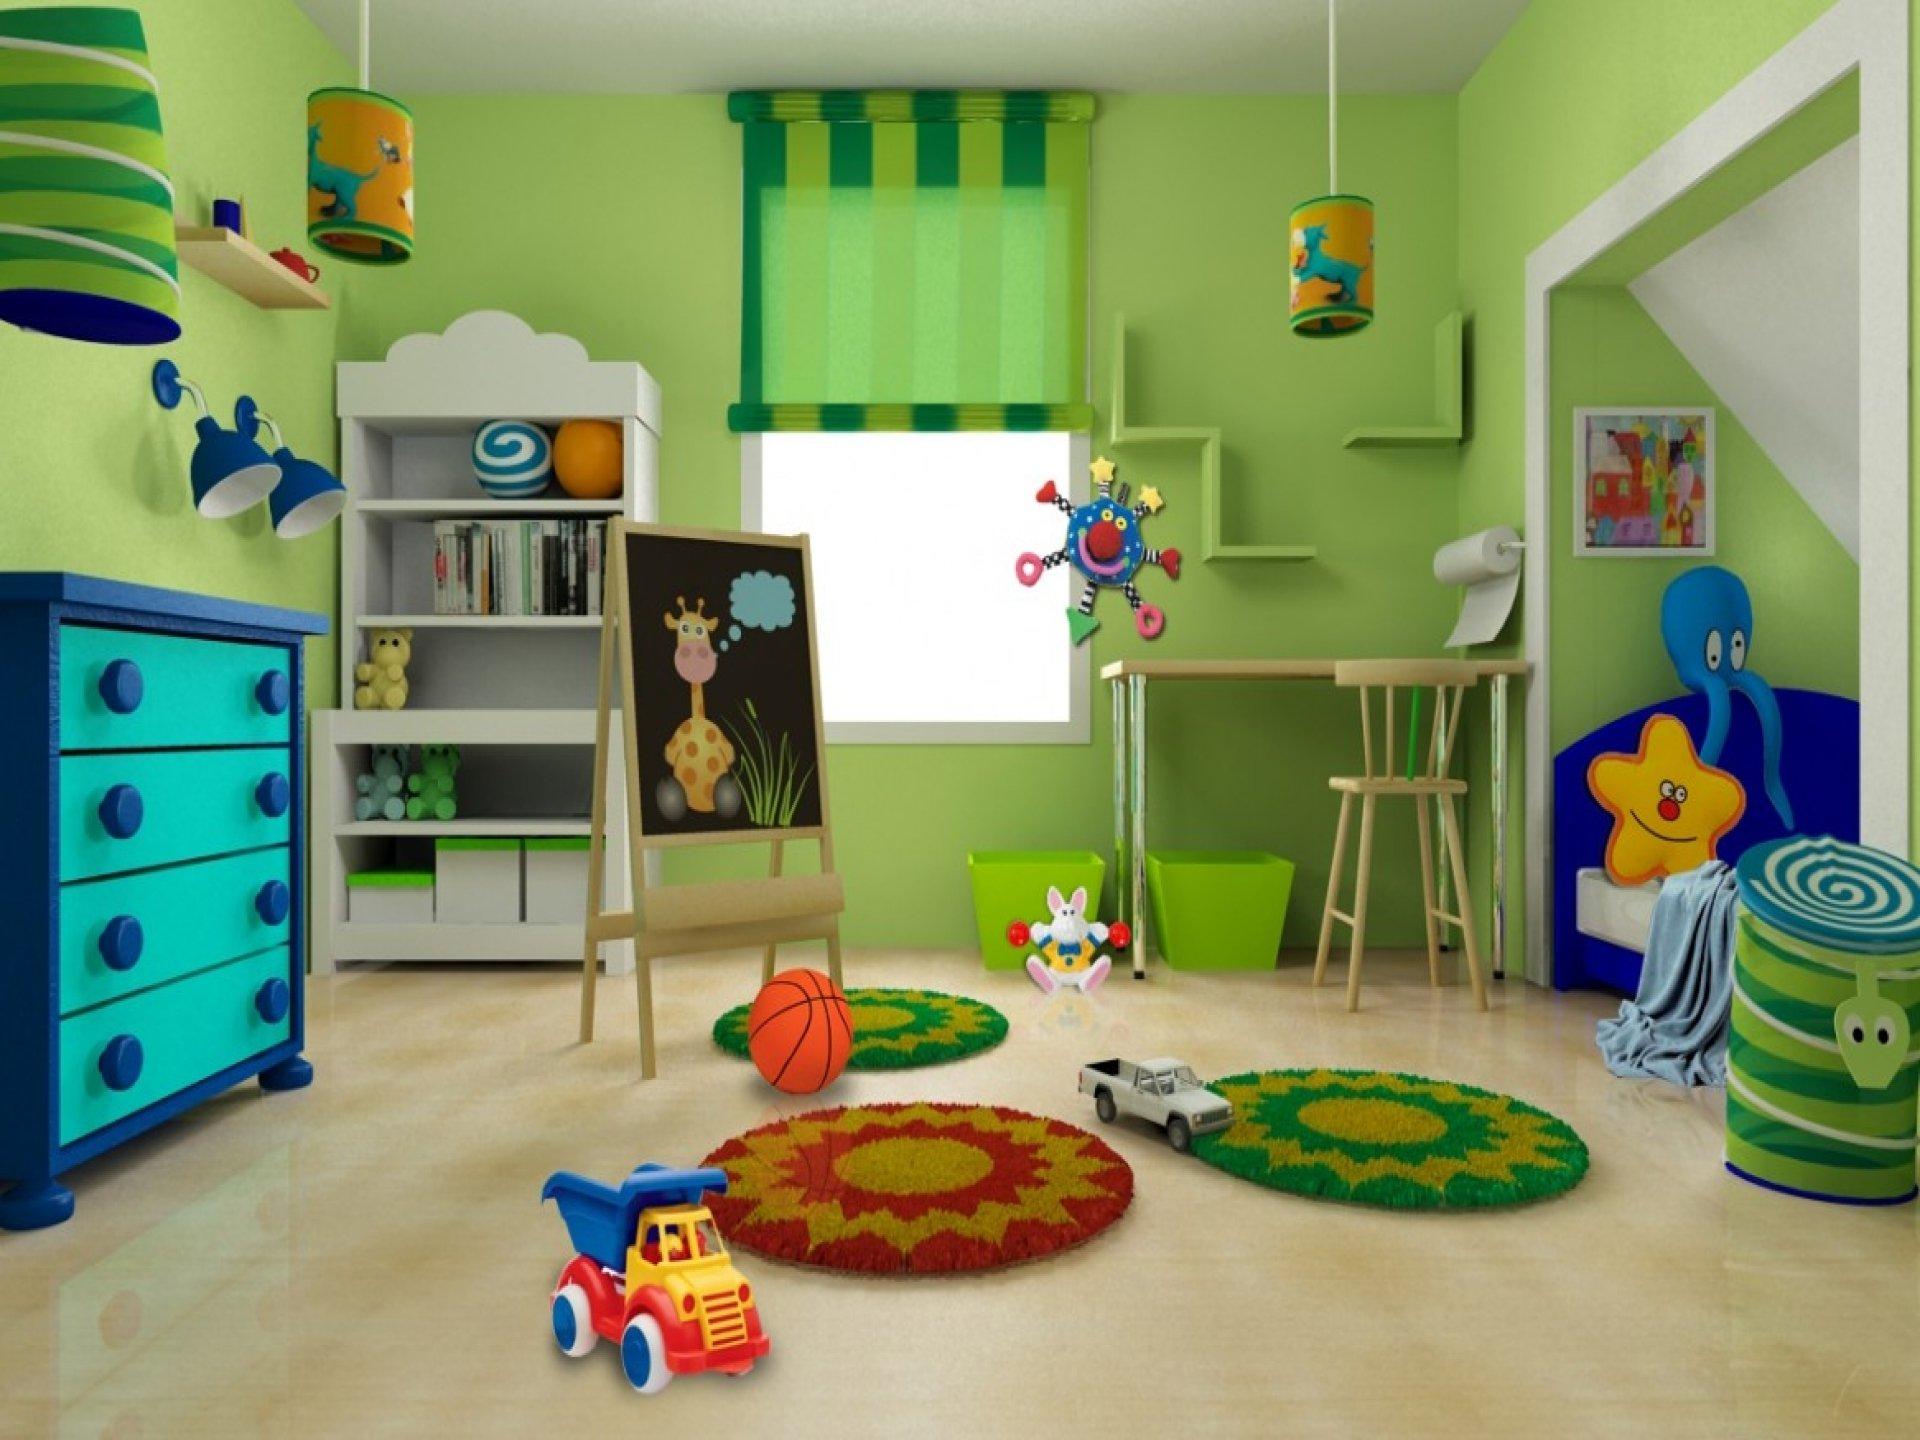 Kinderzimmer Gestaltung- Der grüne Kinderreich